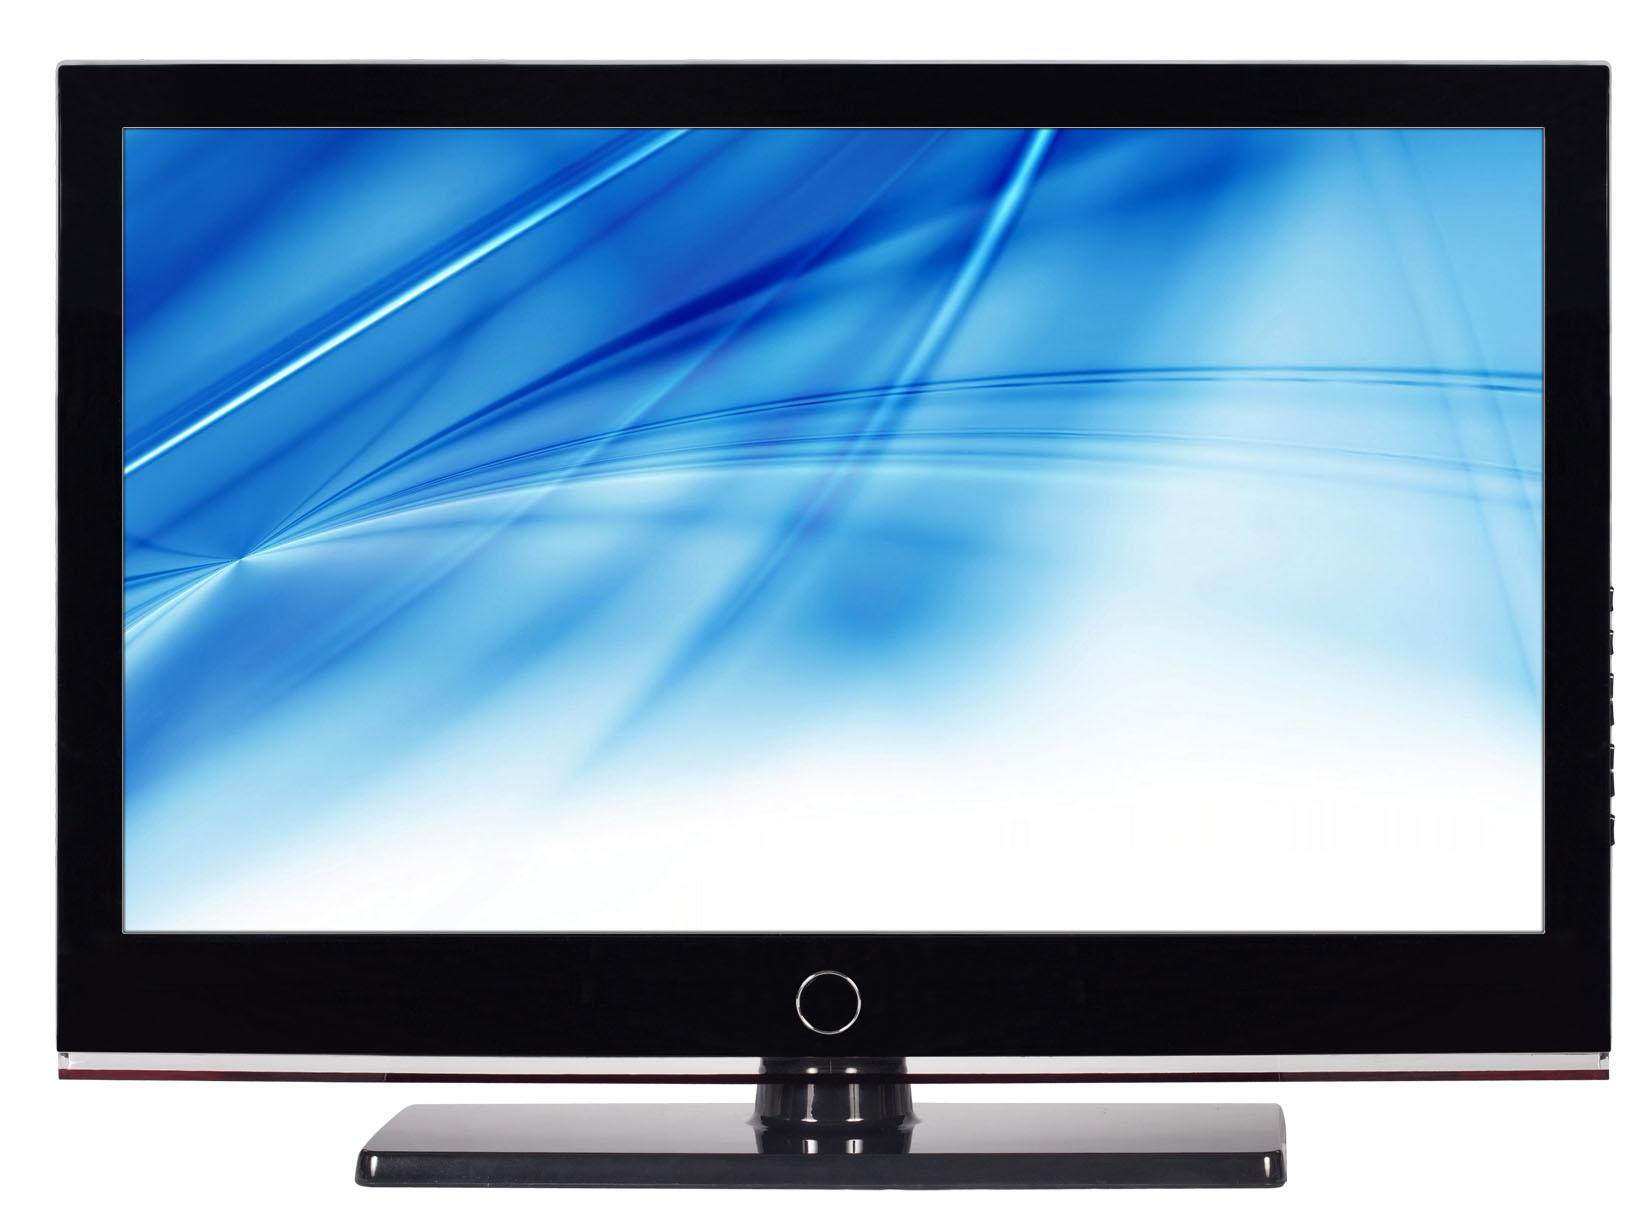 价_55寸液晶电视外壳55寸平板电视外壳55寸电视机外壳企业-广州嘉明